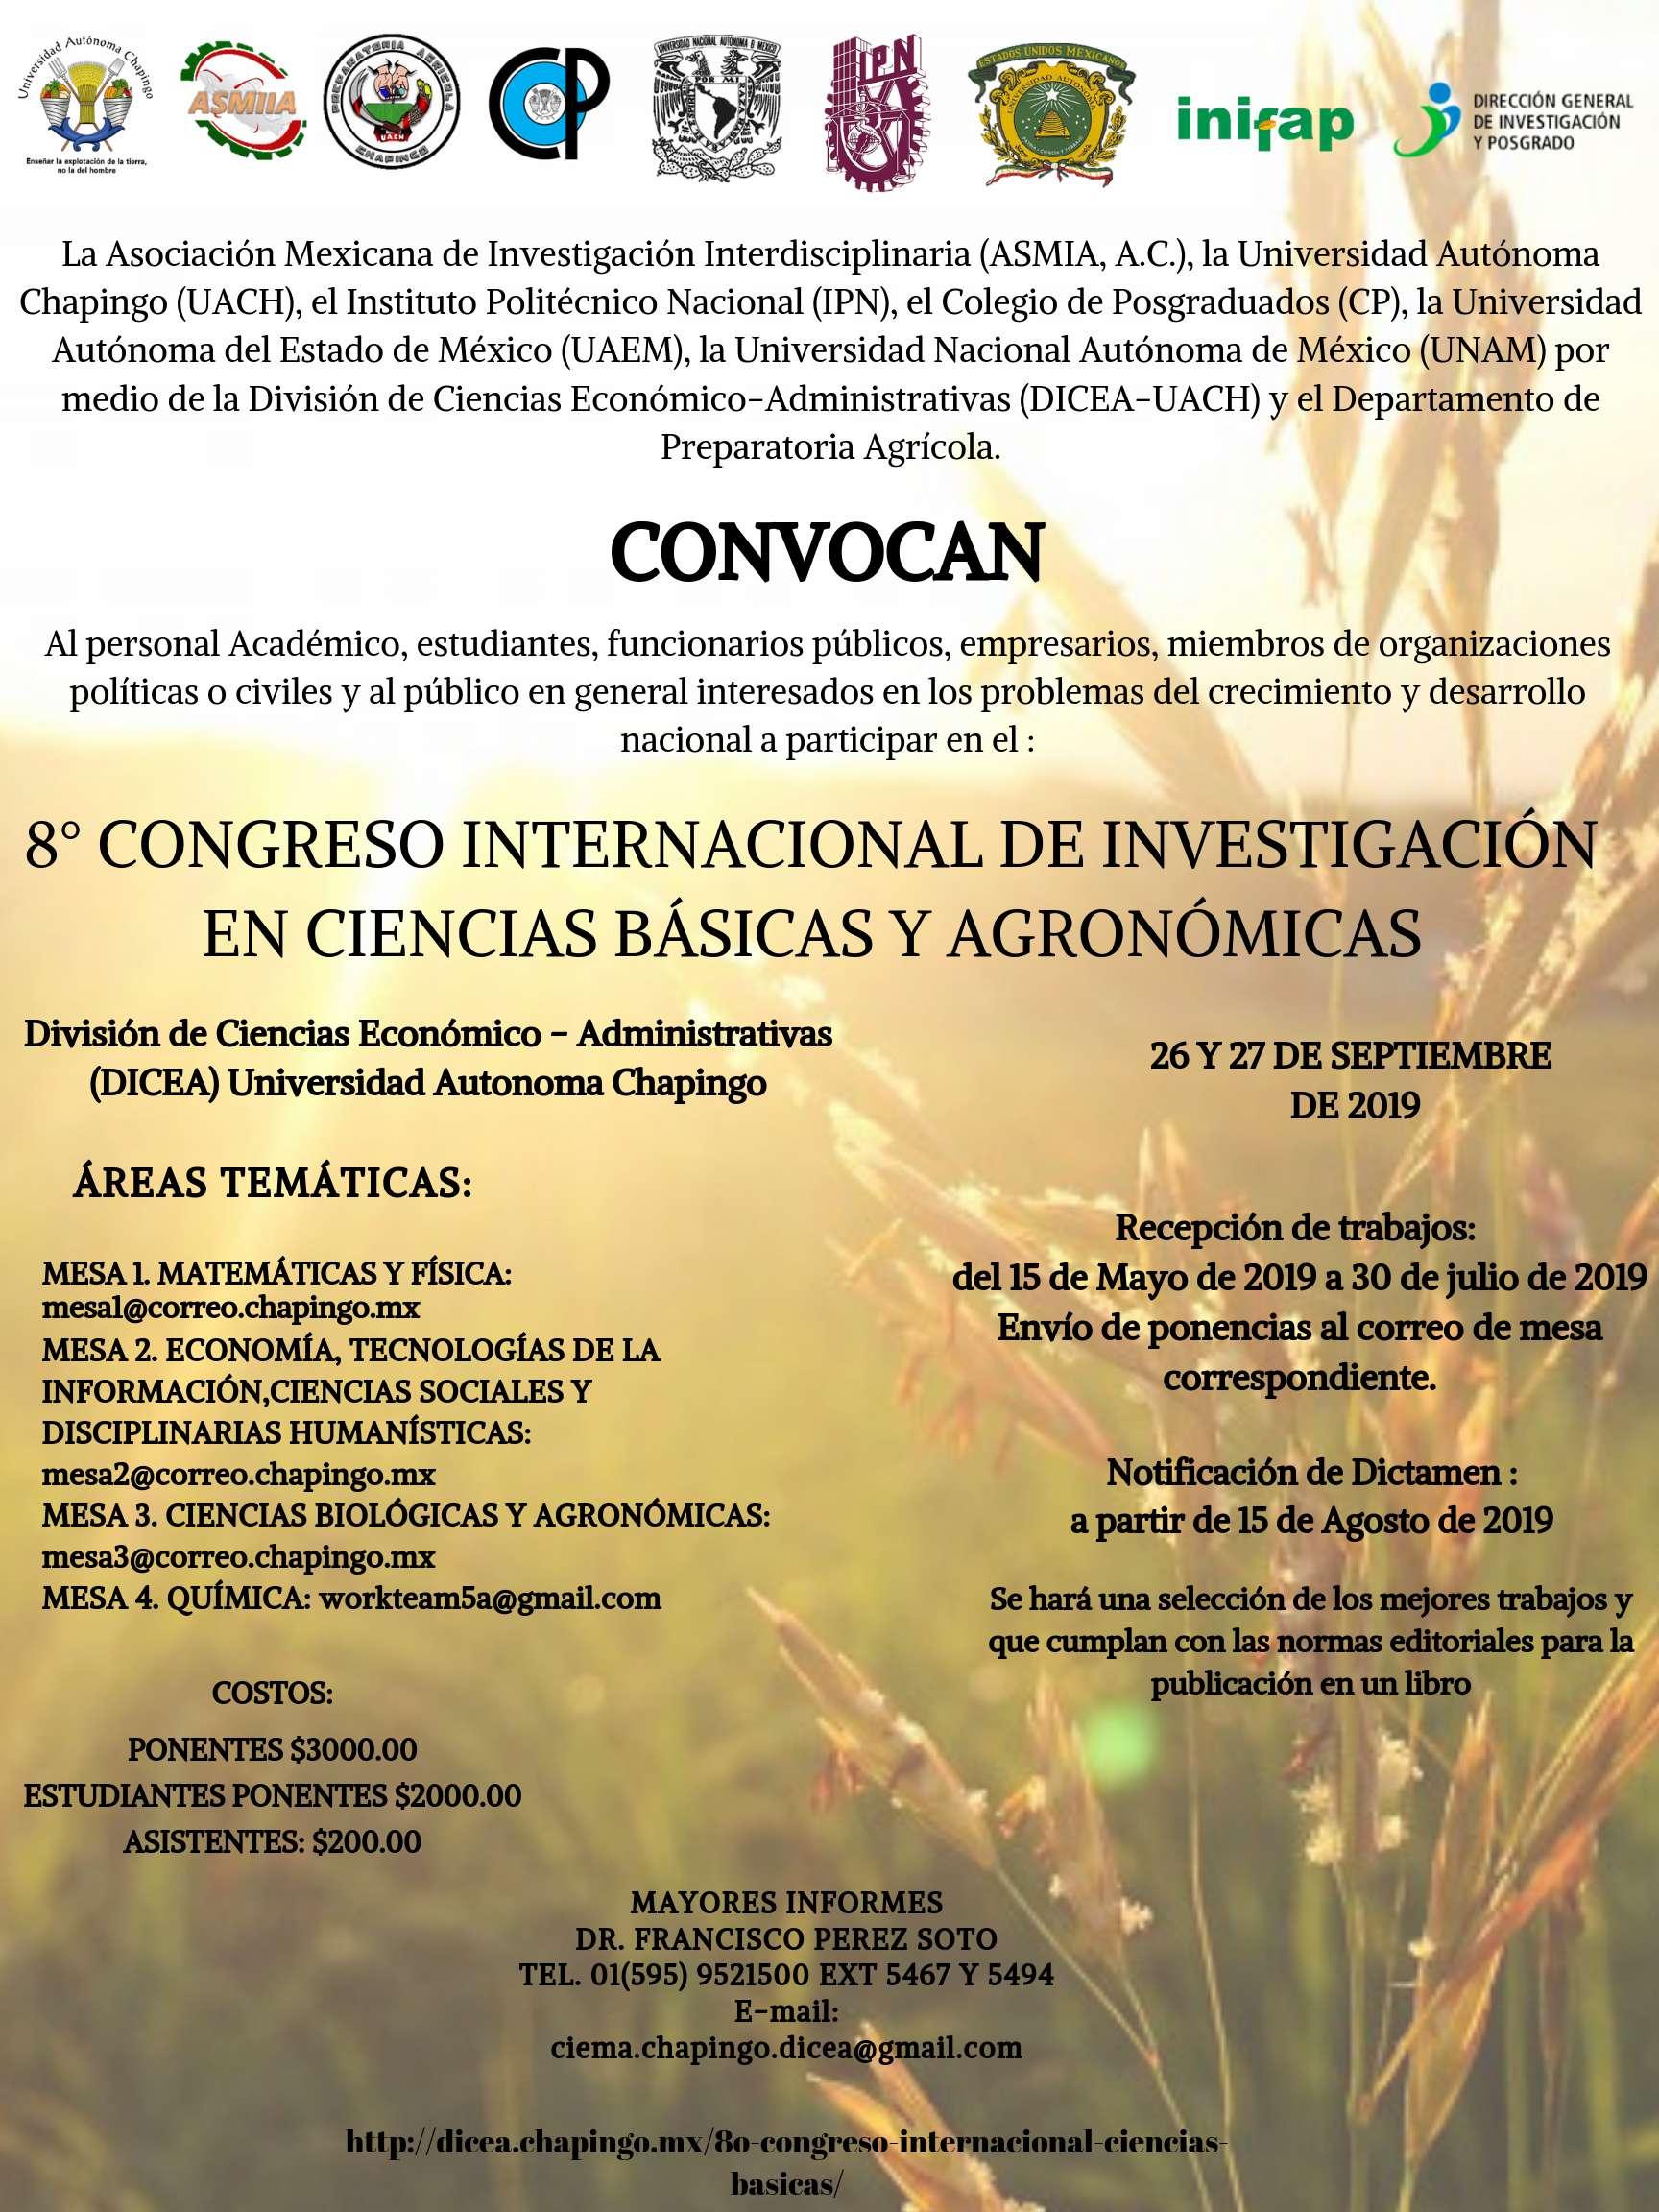 8° Congreso Internacional de Investigación en Ciencias Básicas y Agronómicas